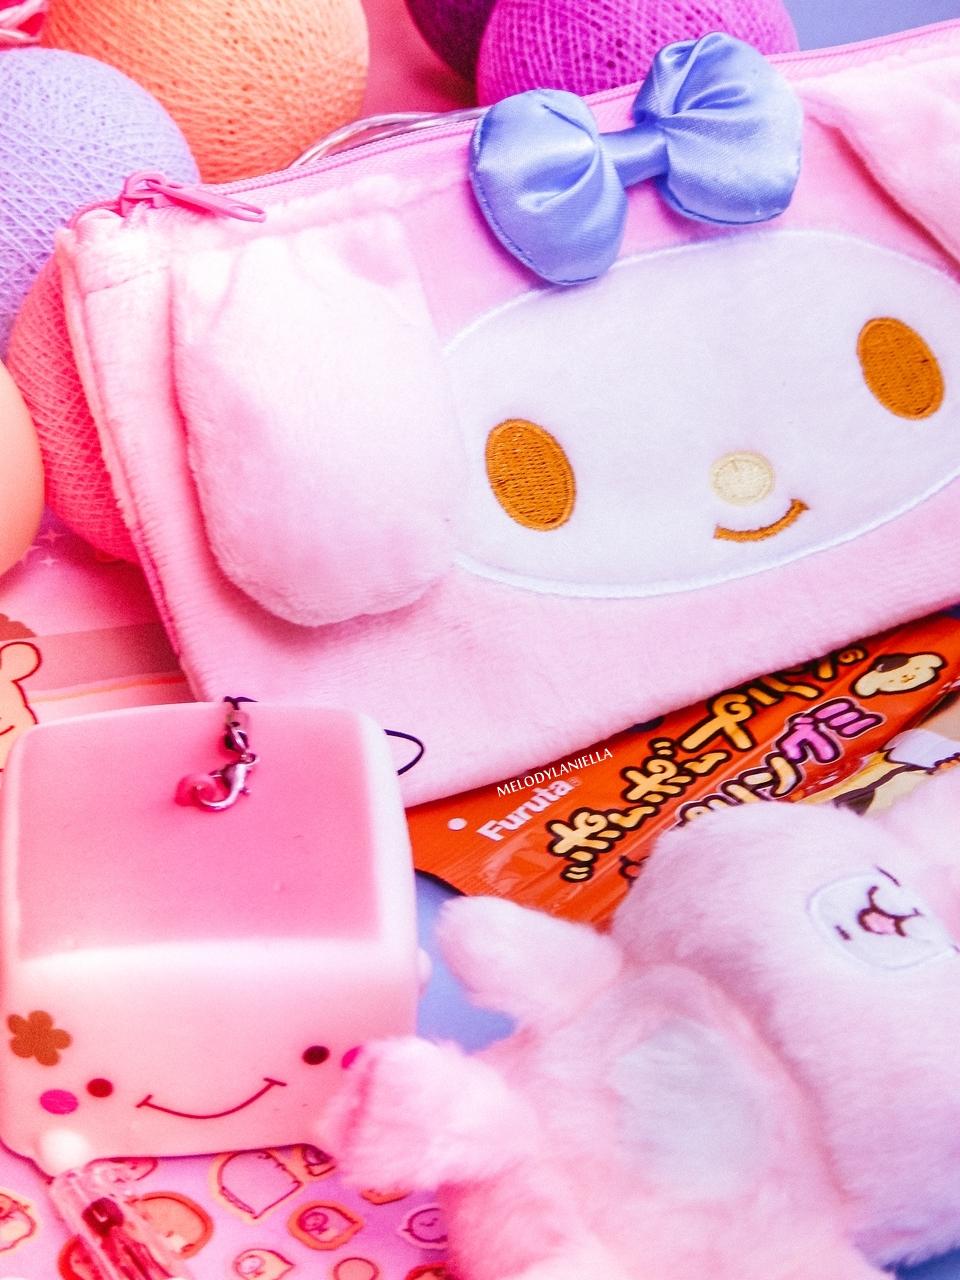 4 kawaii box august sierpień rewiev recenzja giveaway konkurs rozdanie gadżety z japonii kolorowe dodatki słodycze z japonii fajne długopisy, butelka na wodę my melody melodylaniella pudding tofu brelok